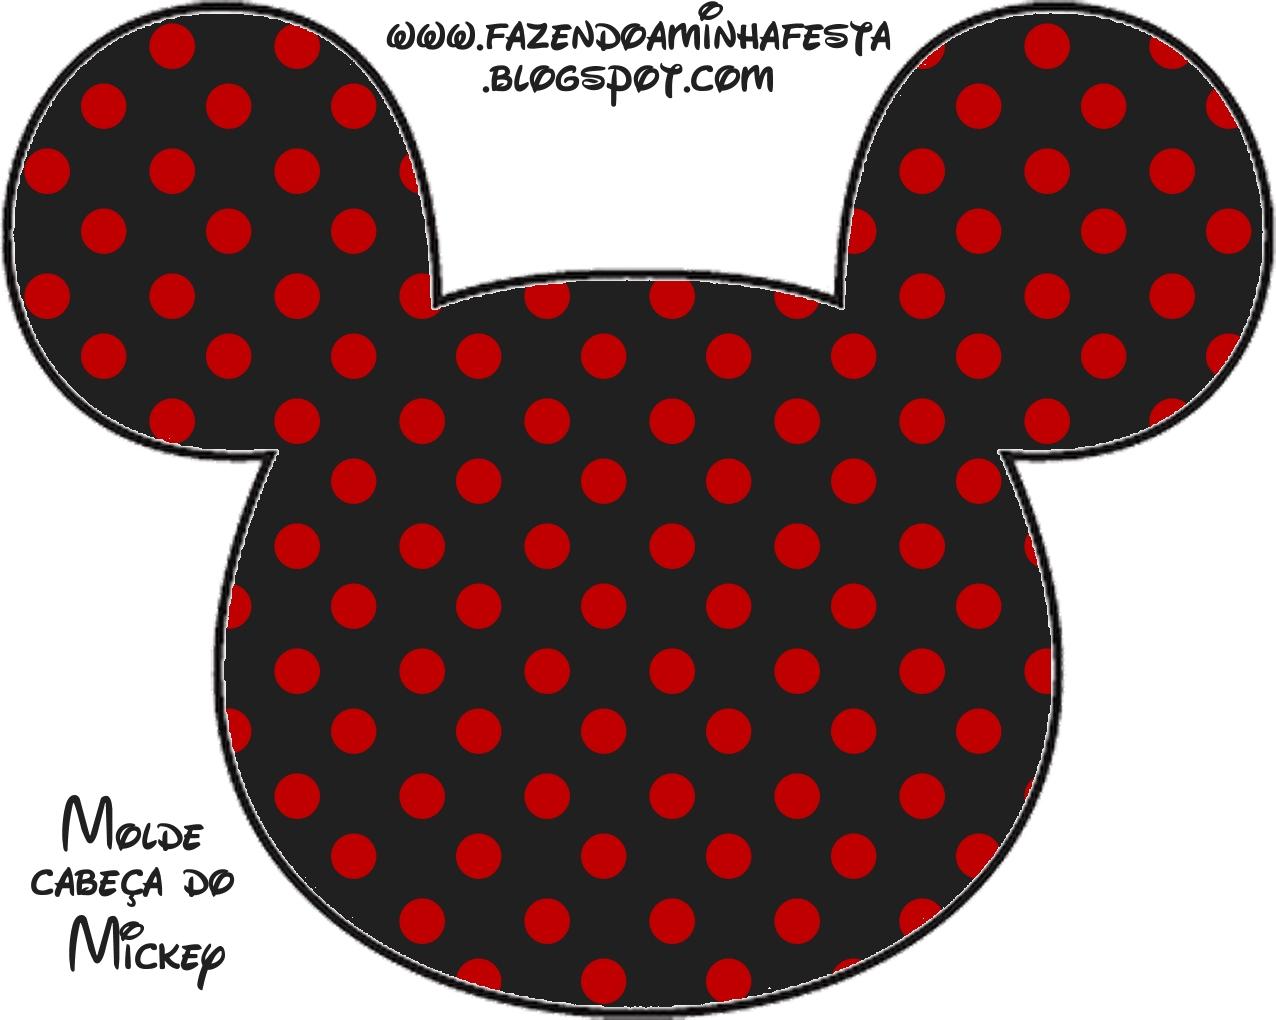 Agora Temos Um Novo Molde Limpo Da Carinha Do Mickey Em JPG